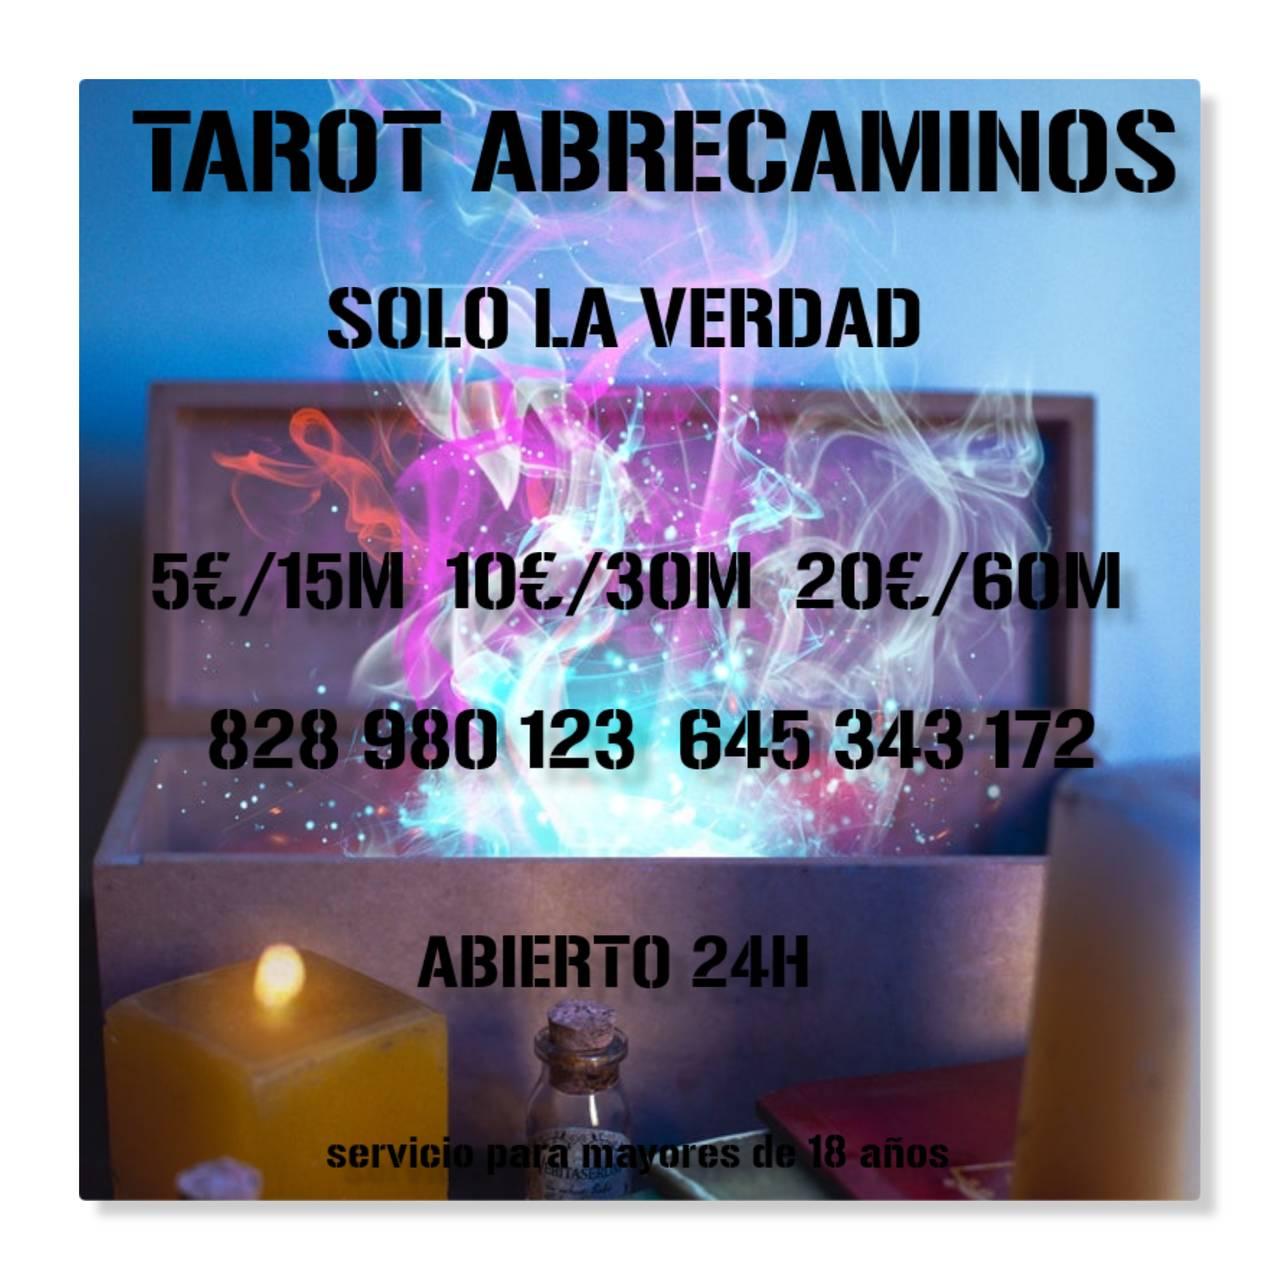 Tarot Abrecaminos Toda España  - Foto 1